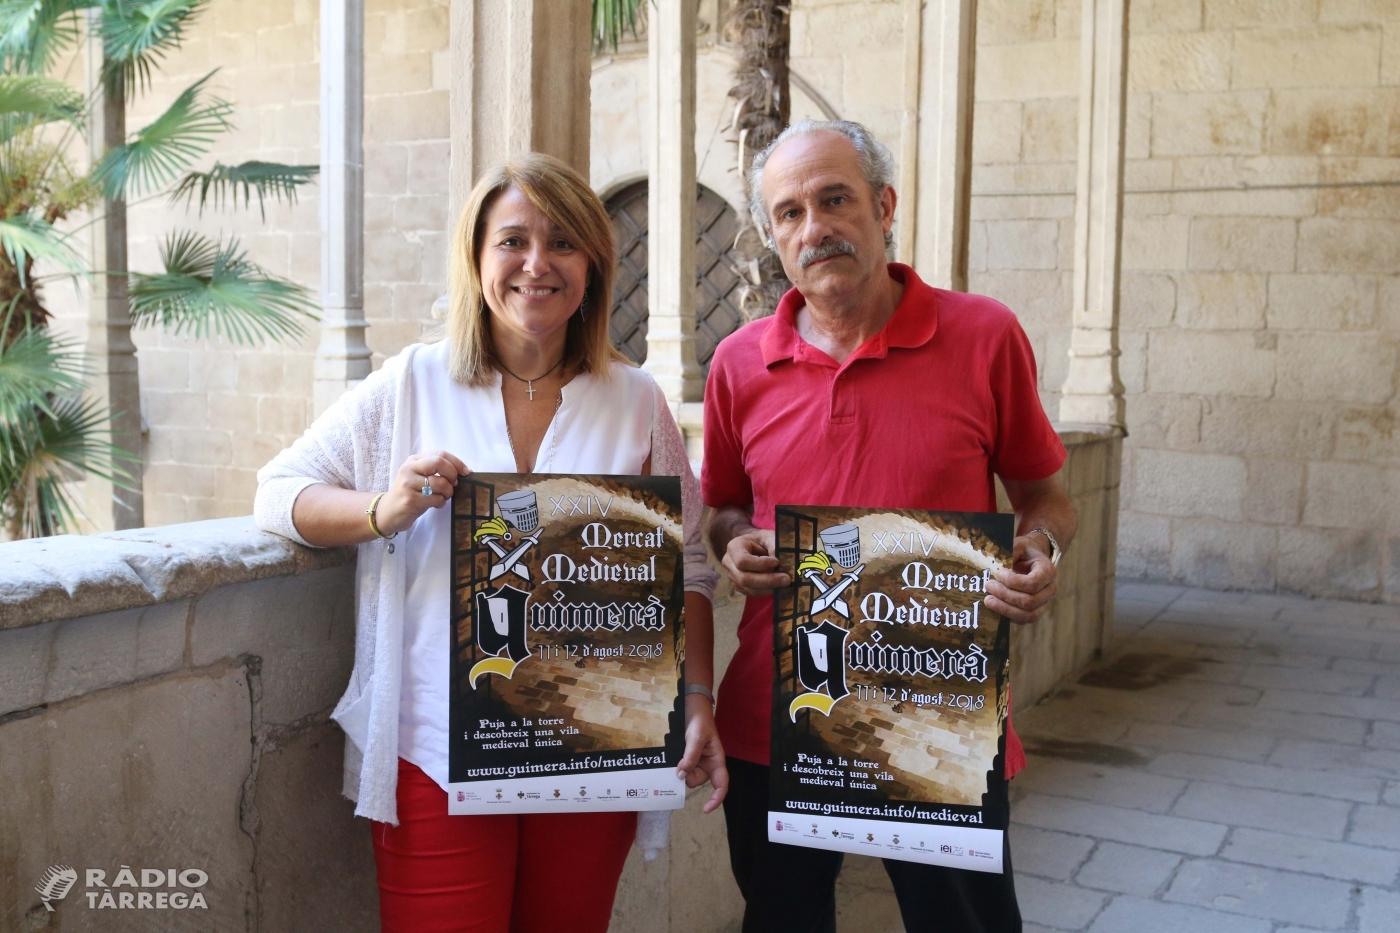 El Mercat Medieval de Guimerà espera l'11 i 12 d'agost entre 15.000 i 20.000 visitants per gaudir de les 125 parades, amb una quinzena d'artesans